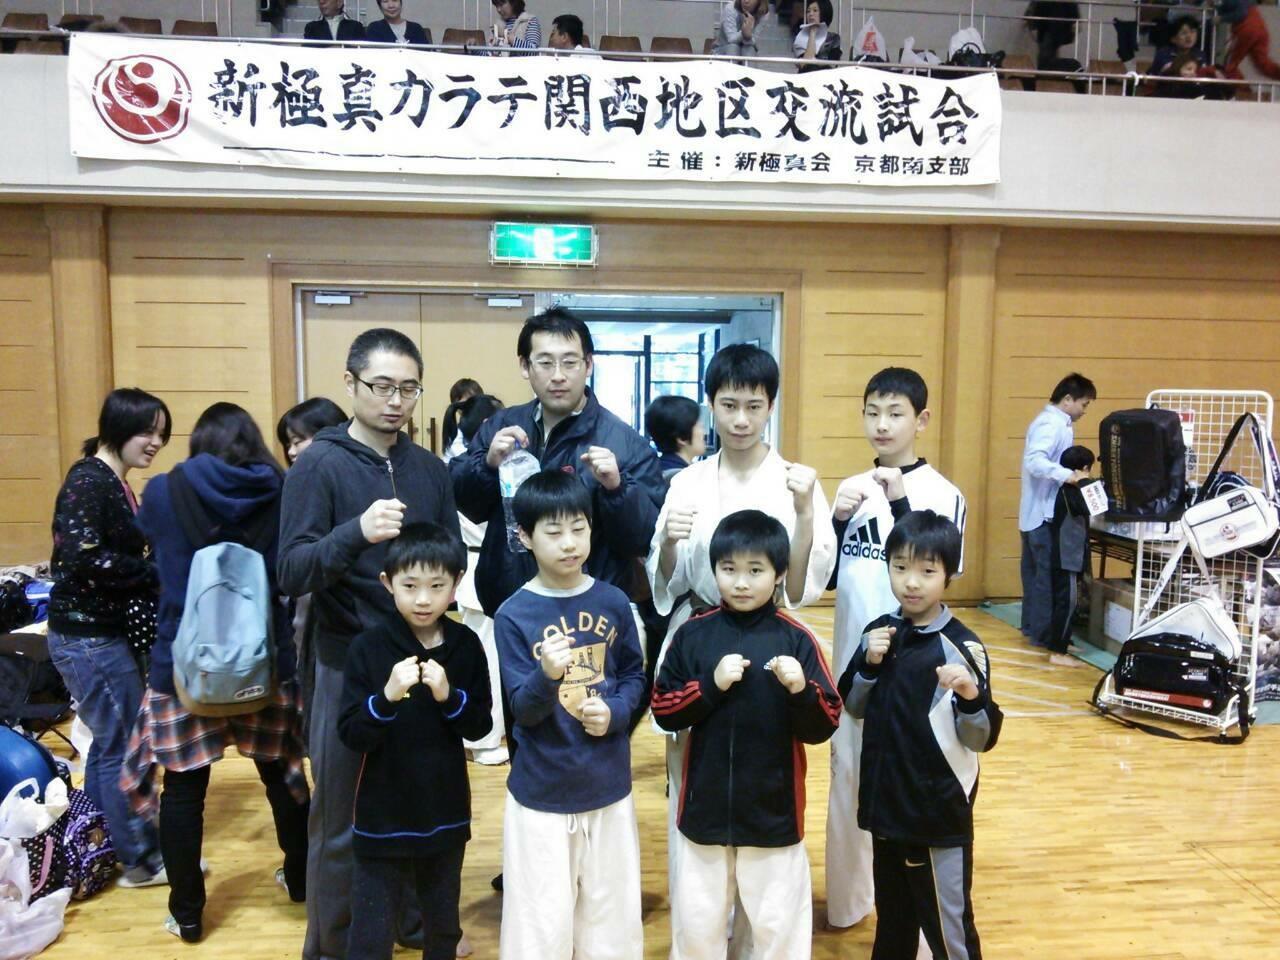 関西地区交流試合